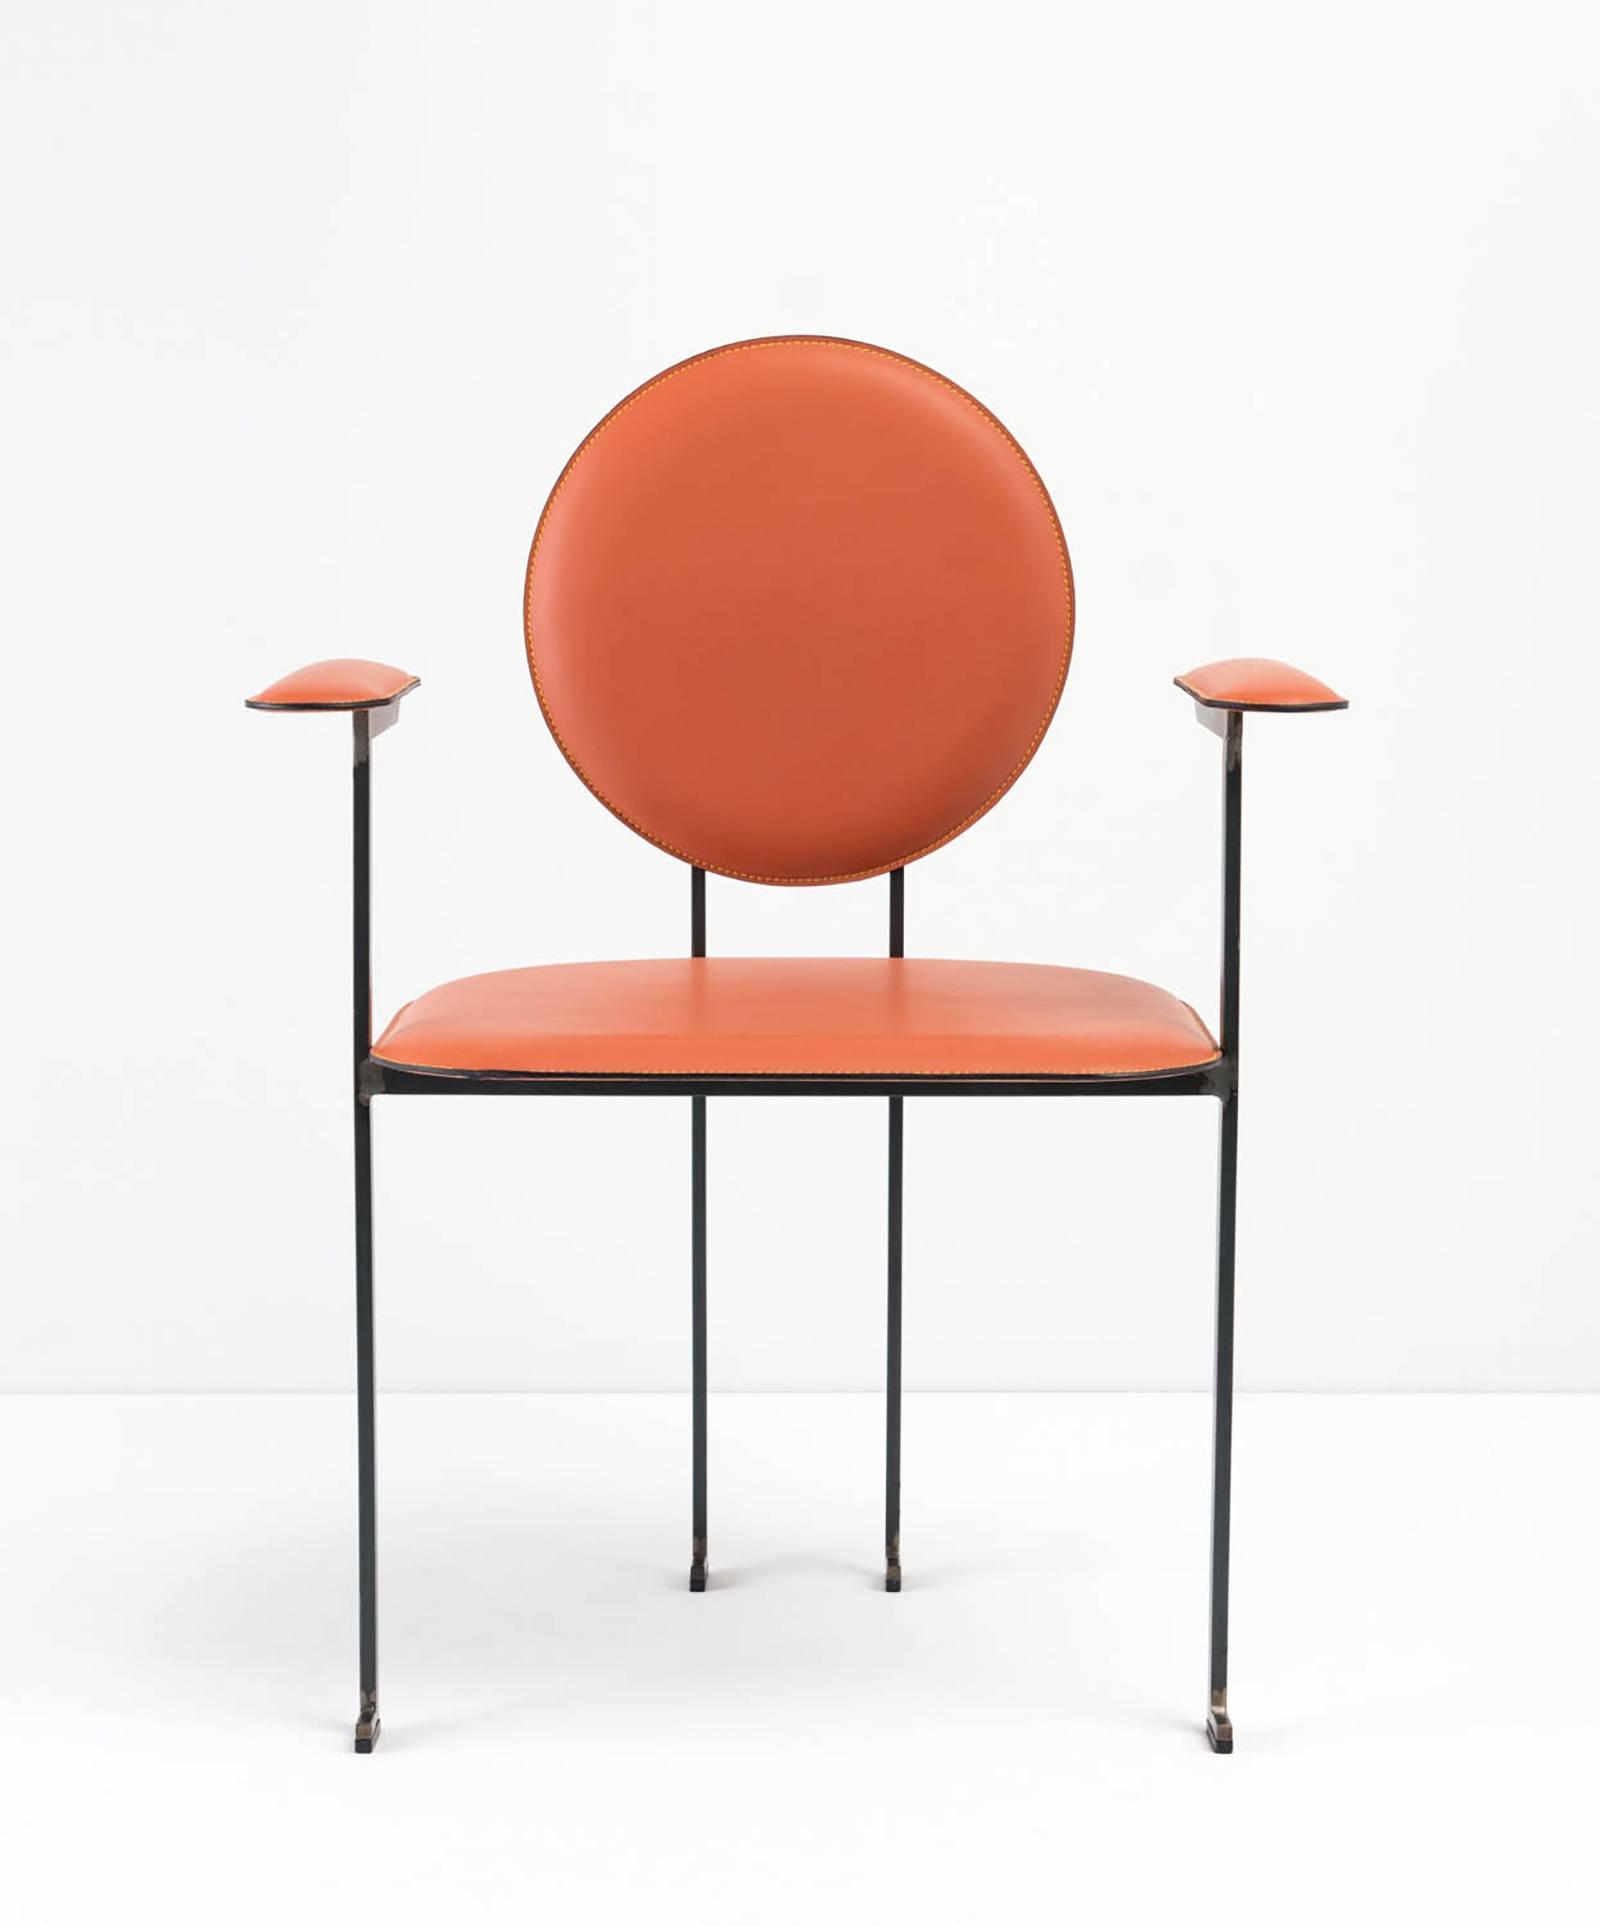 IGNANT-Design-Mario-Milana-12